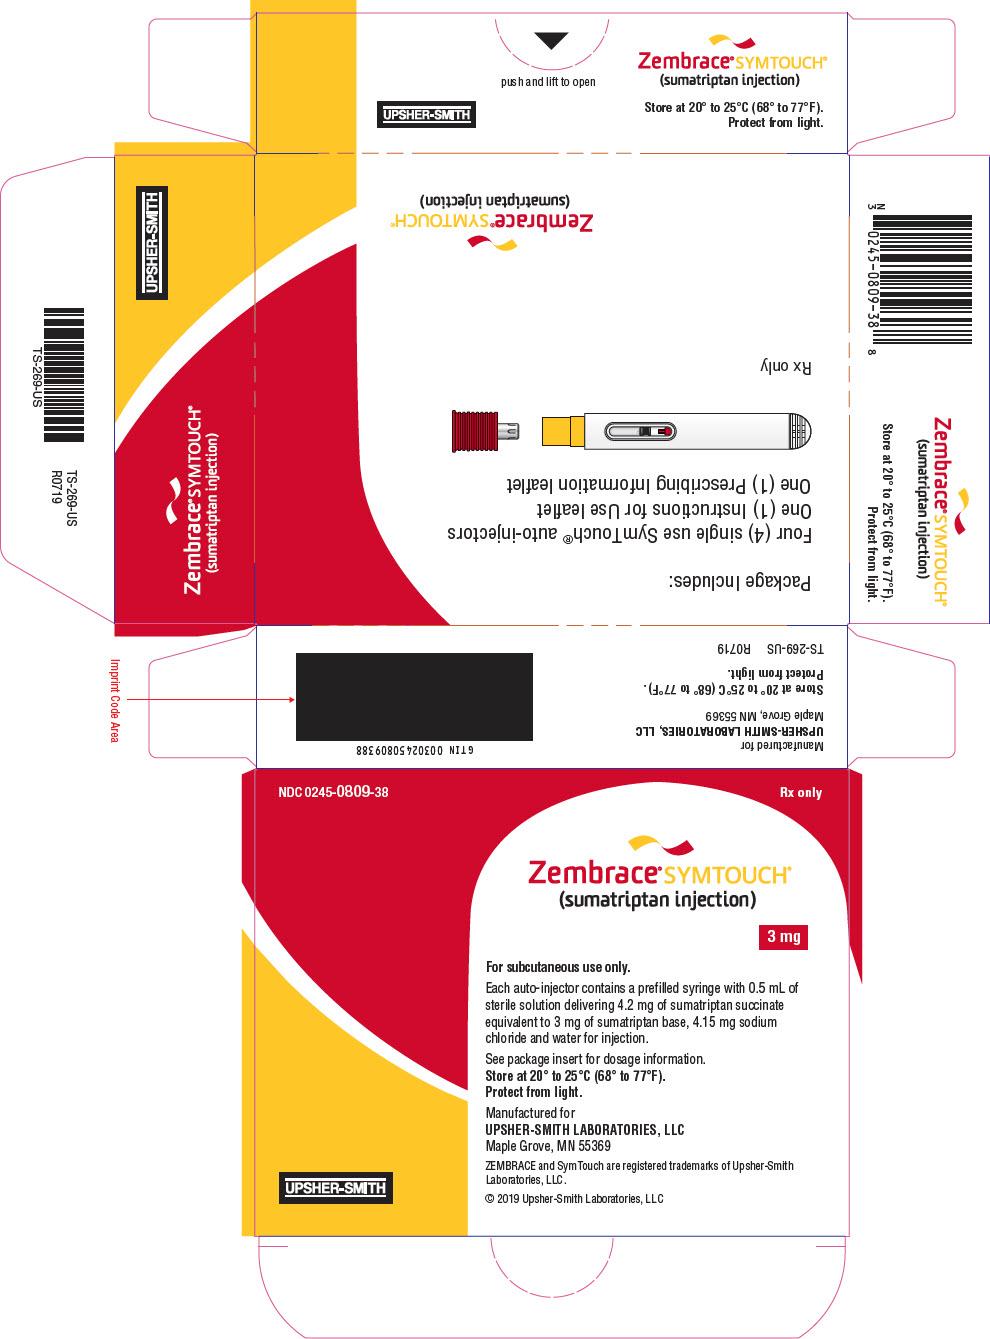 PRINCIPAL DISPLAY PANEL - 3 mg Syringe Carton